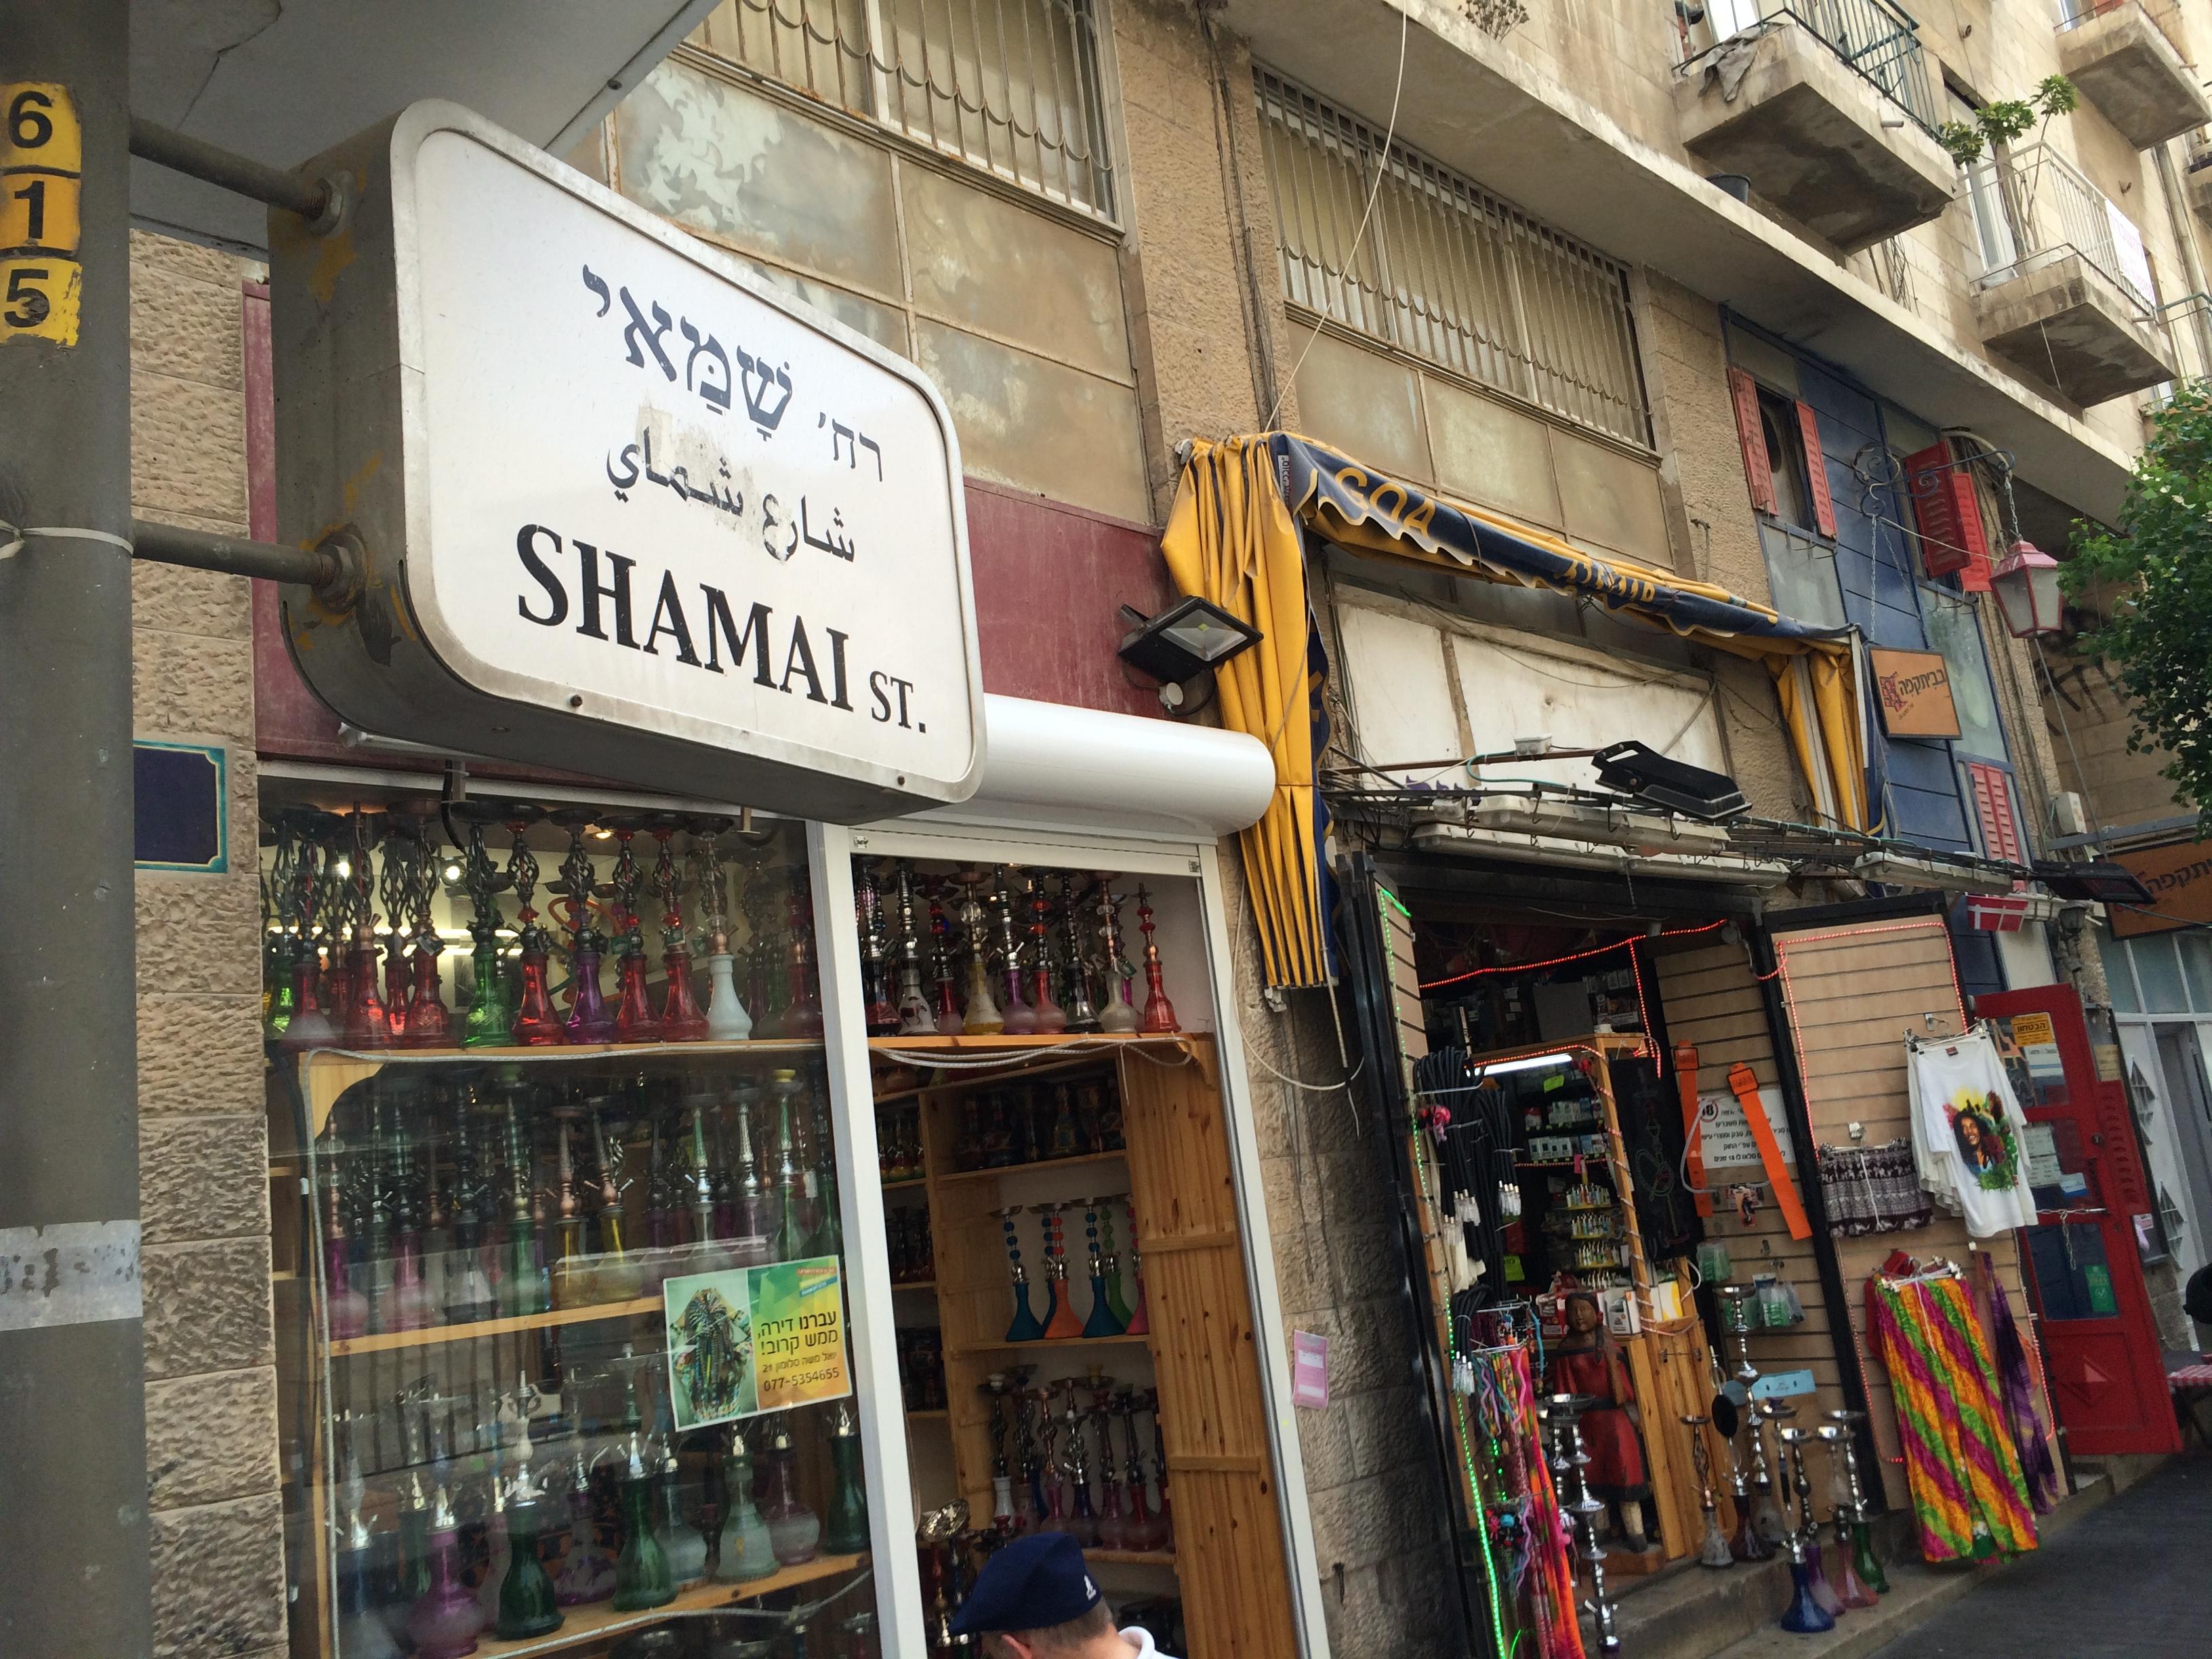 Jutzot Ierushalaim – IX – Las calles de Jerusalém: Shammai